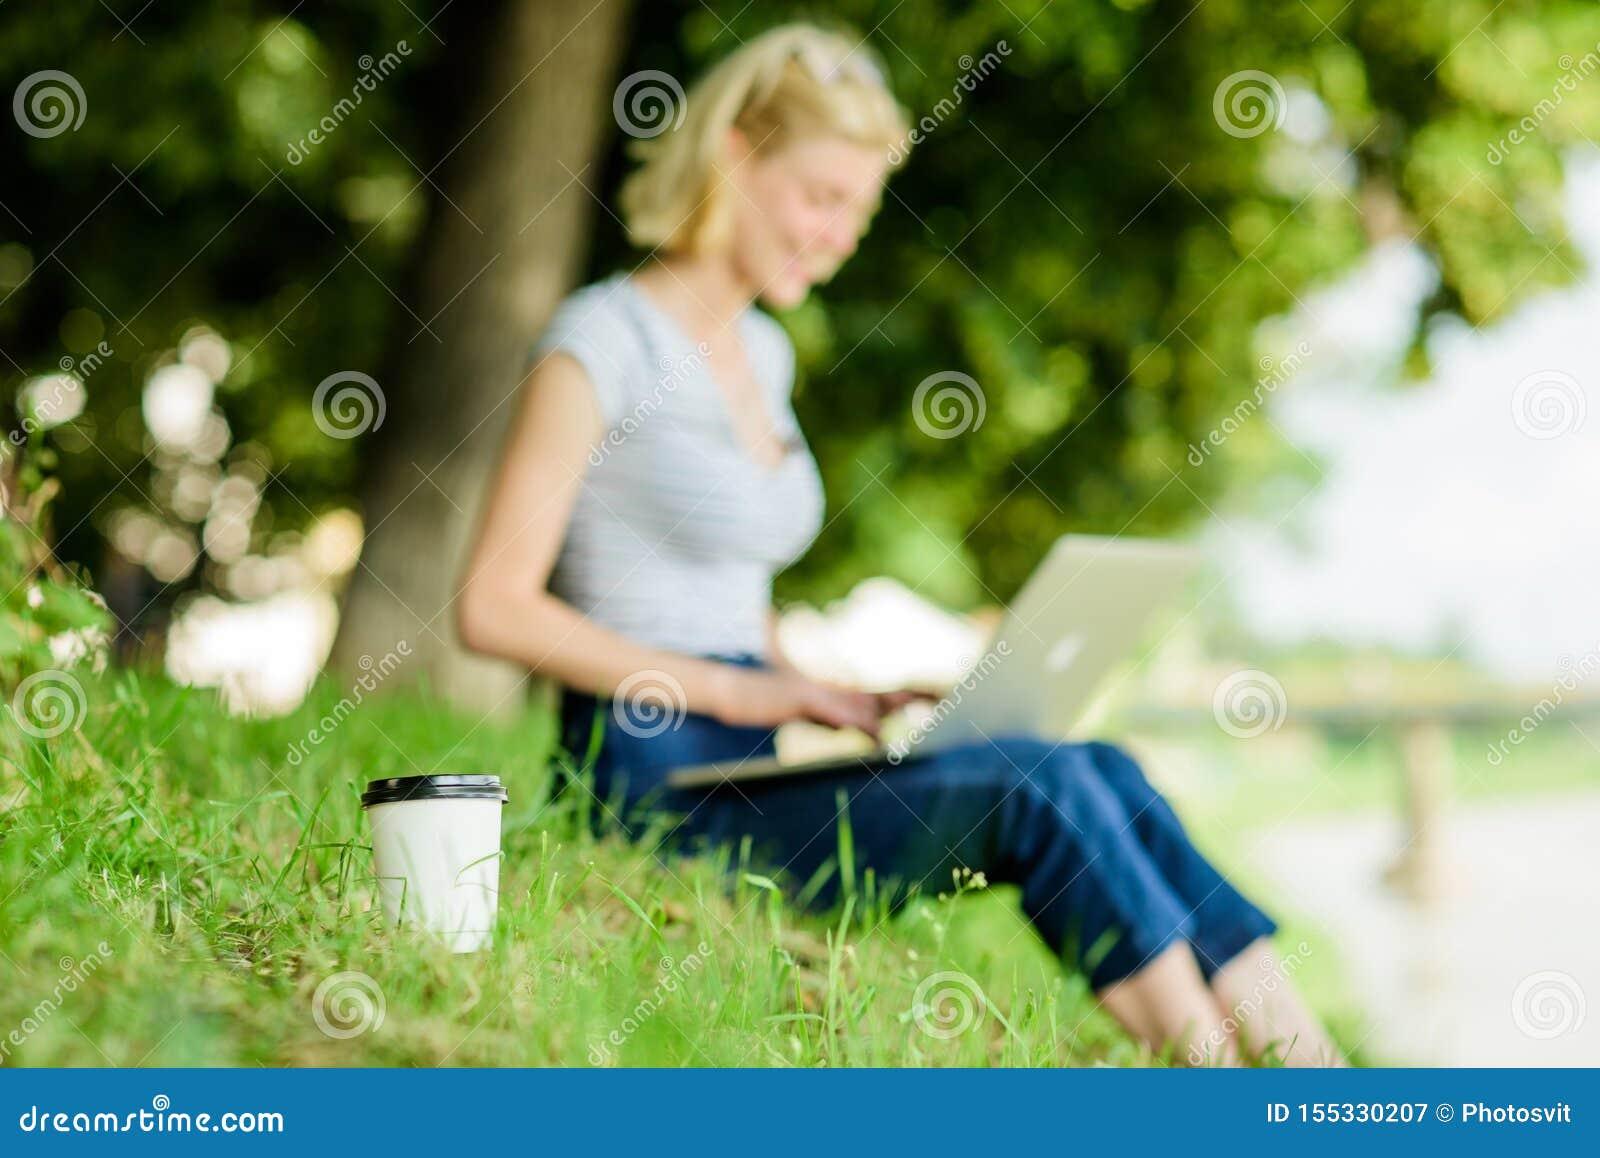 Guten Morgen Blogger, der von Natur aus angespornt wird Sommer online Blogger schaffen Inhalt f?r Soziales Netz Frau hat